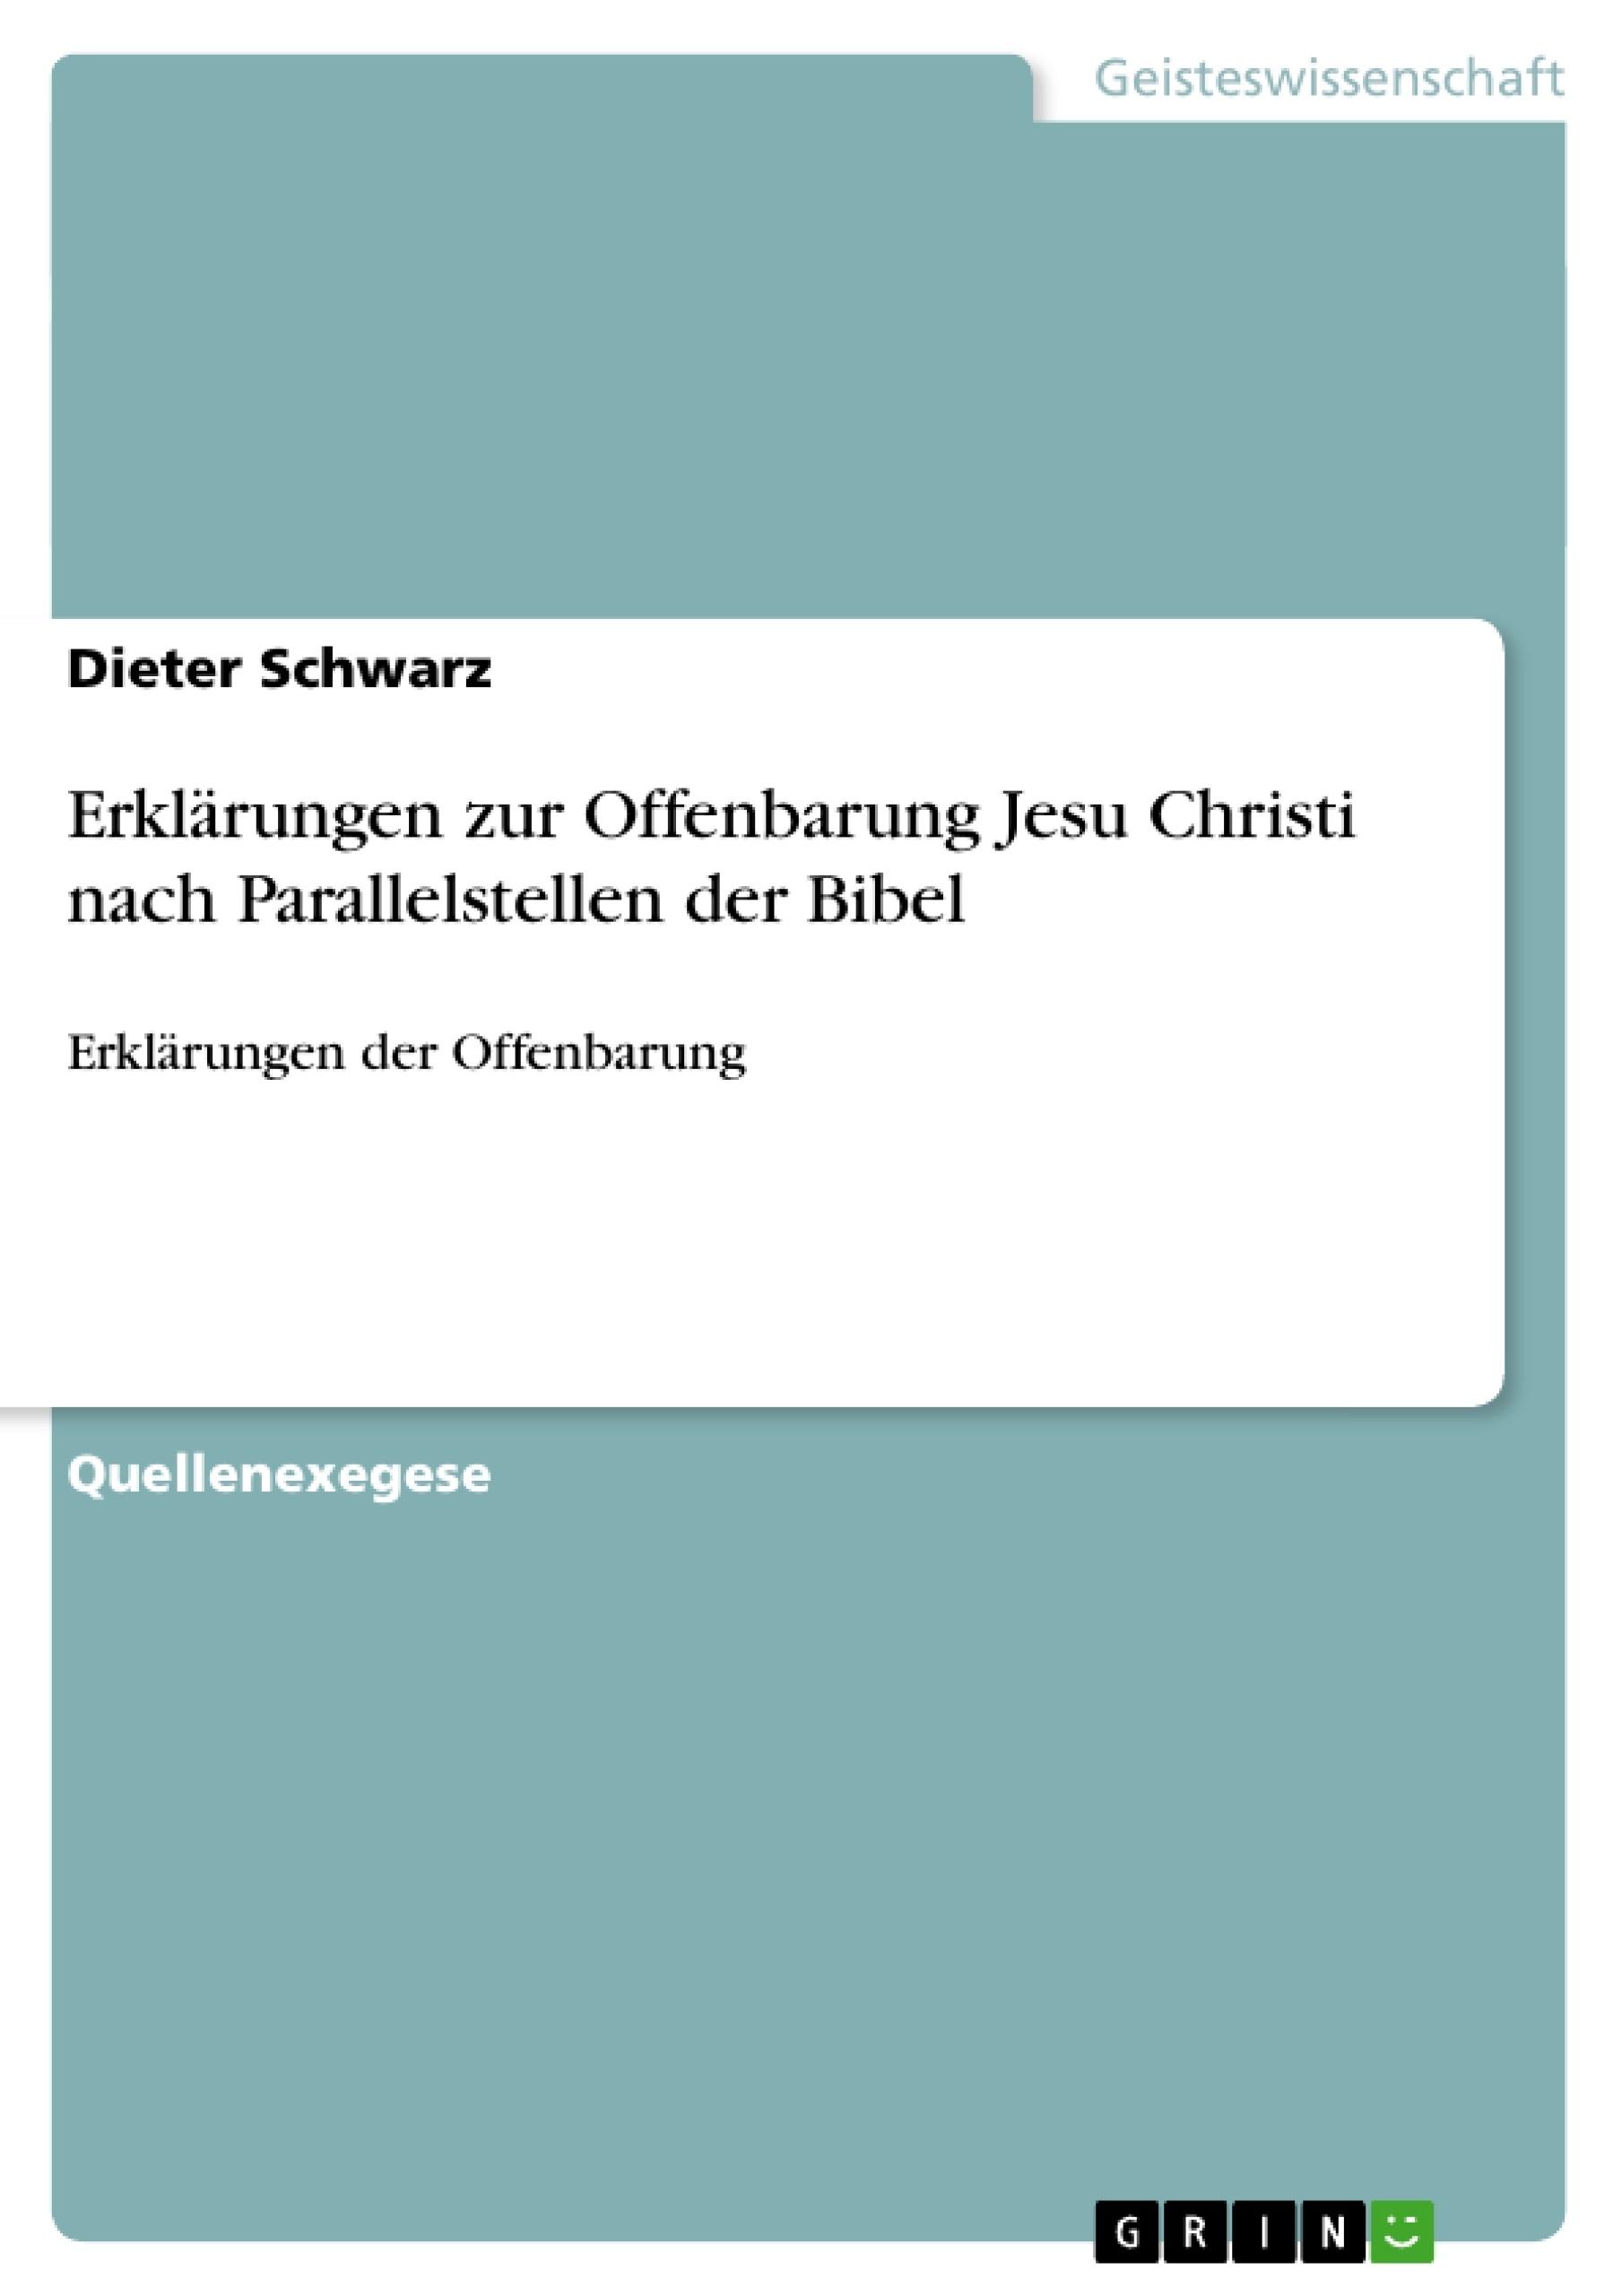 Titel: Erklärungen zur Offenbarung Jesu Christi  nach Parallelstellen der Bibel